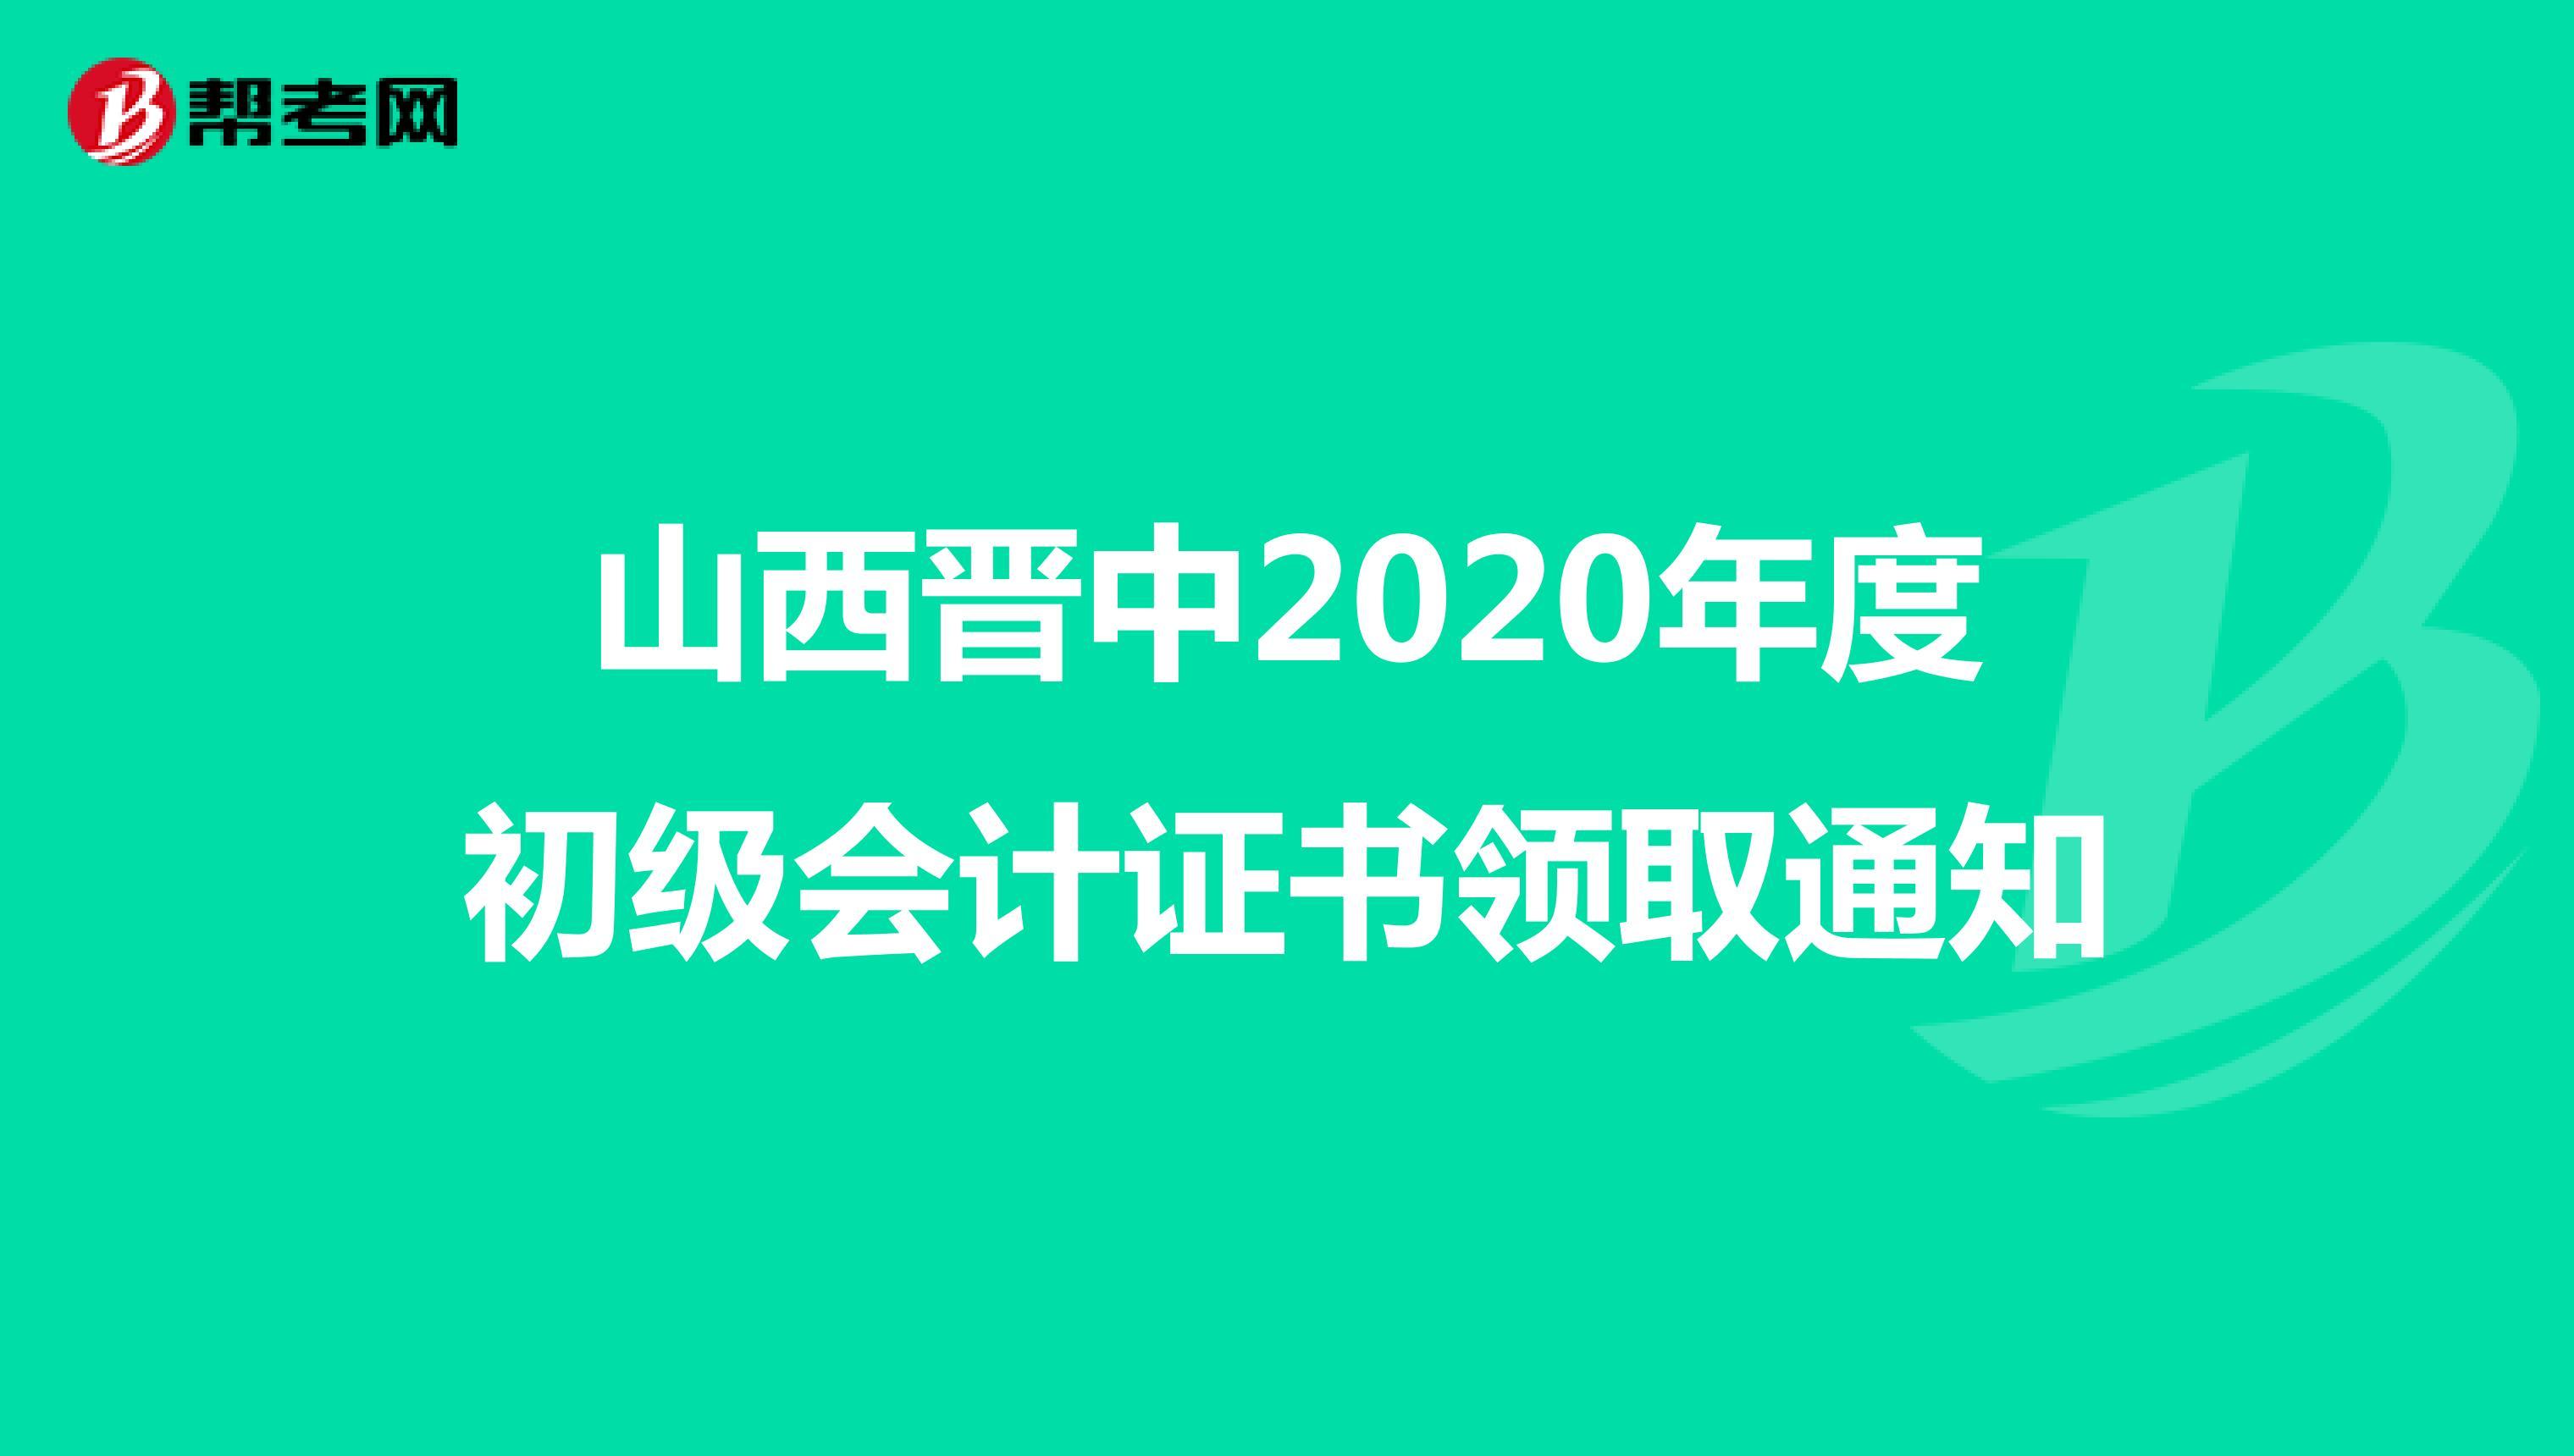 山西晋中2020年度初级会计证书领取通知